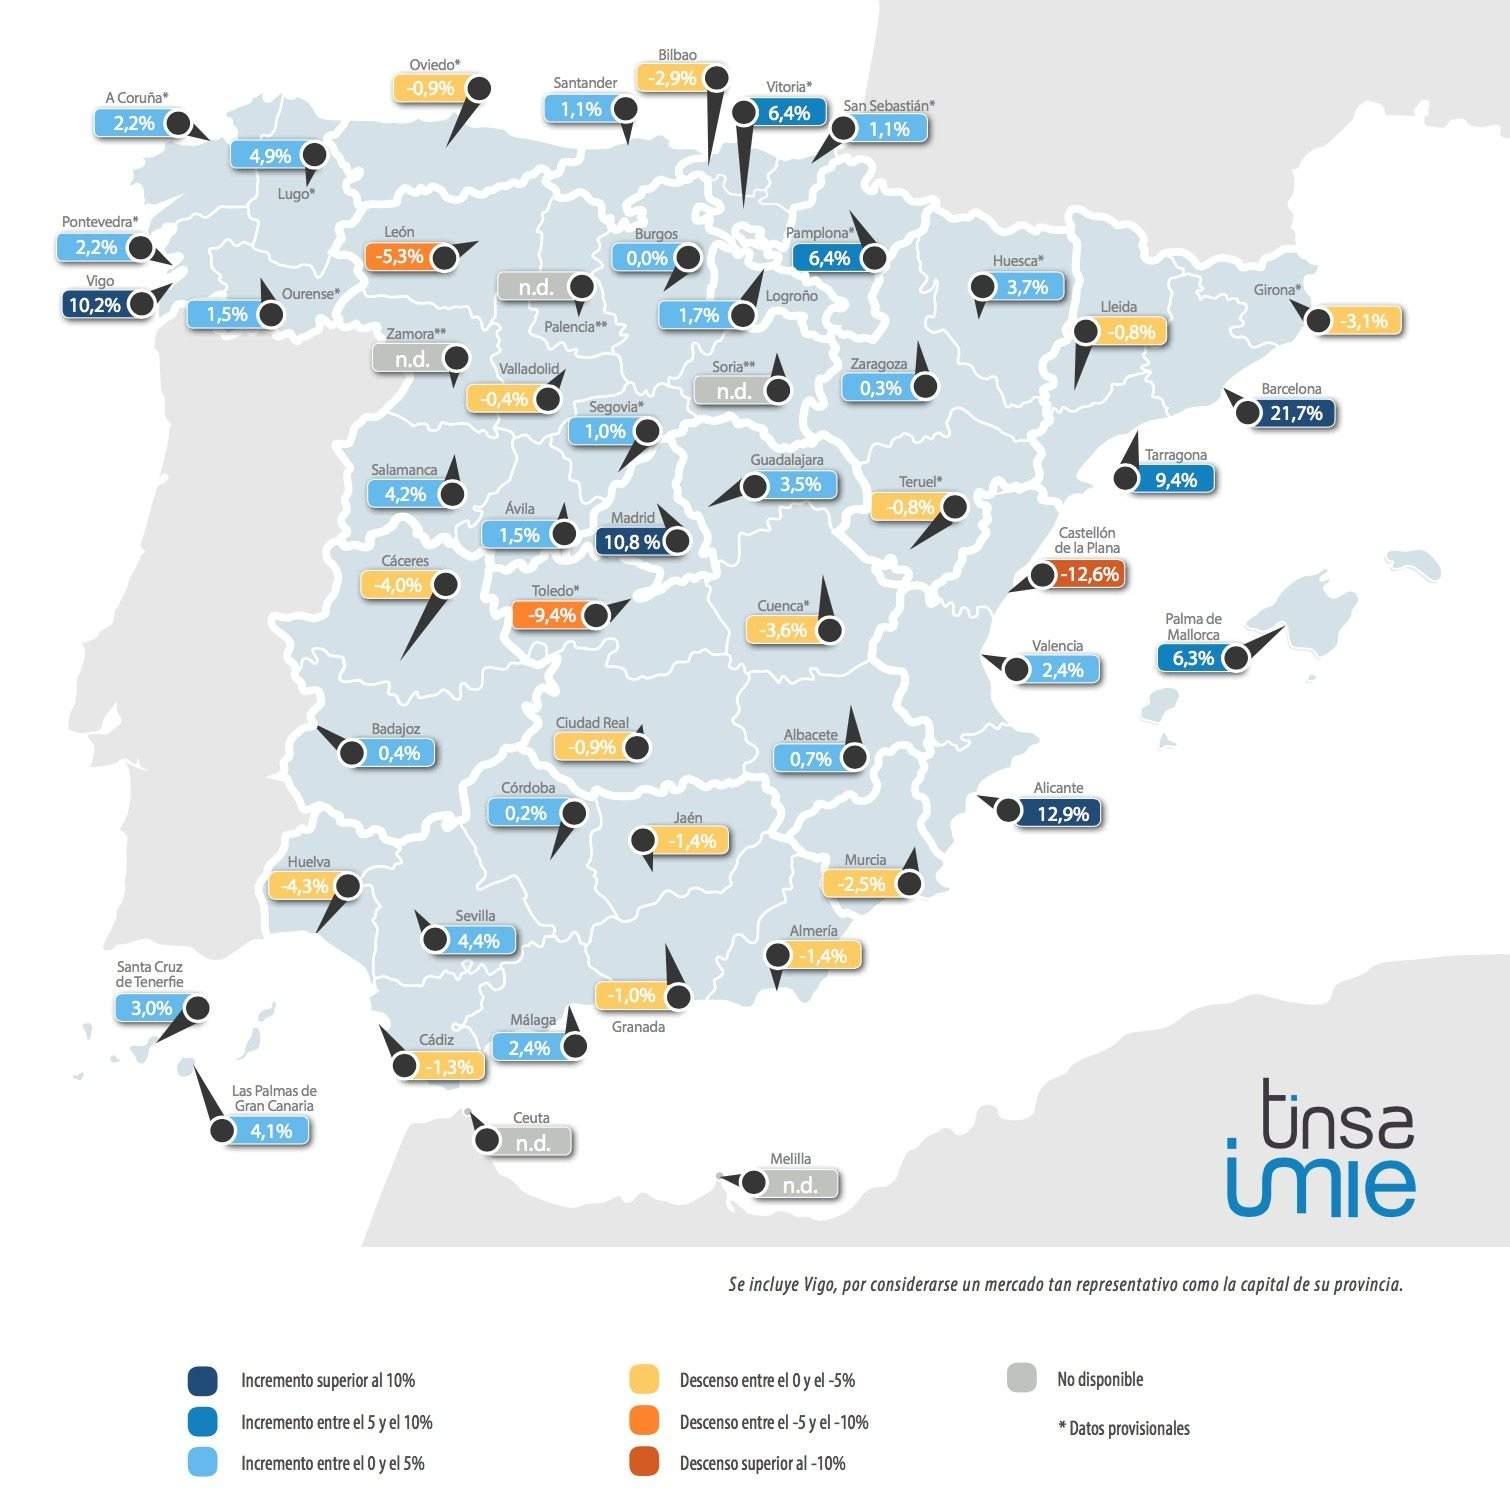 Impuesto sobre la propiedad en España en 2016